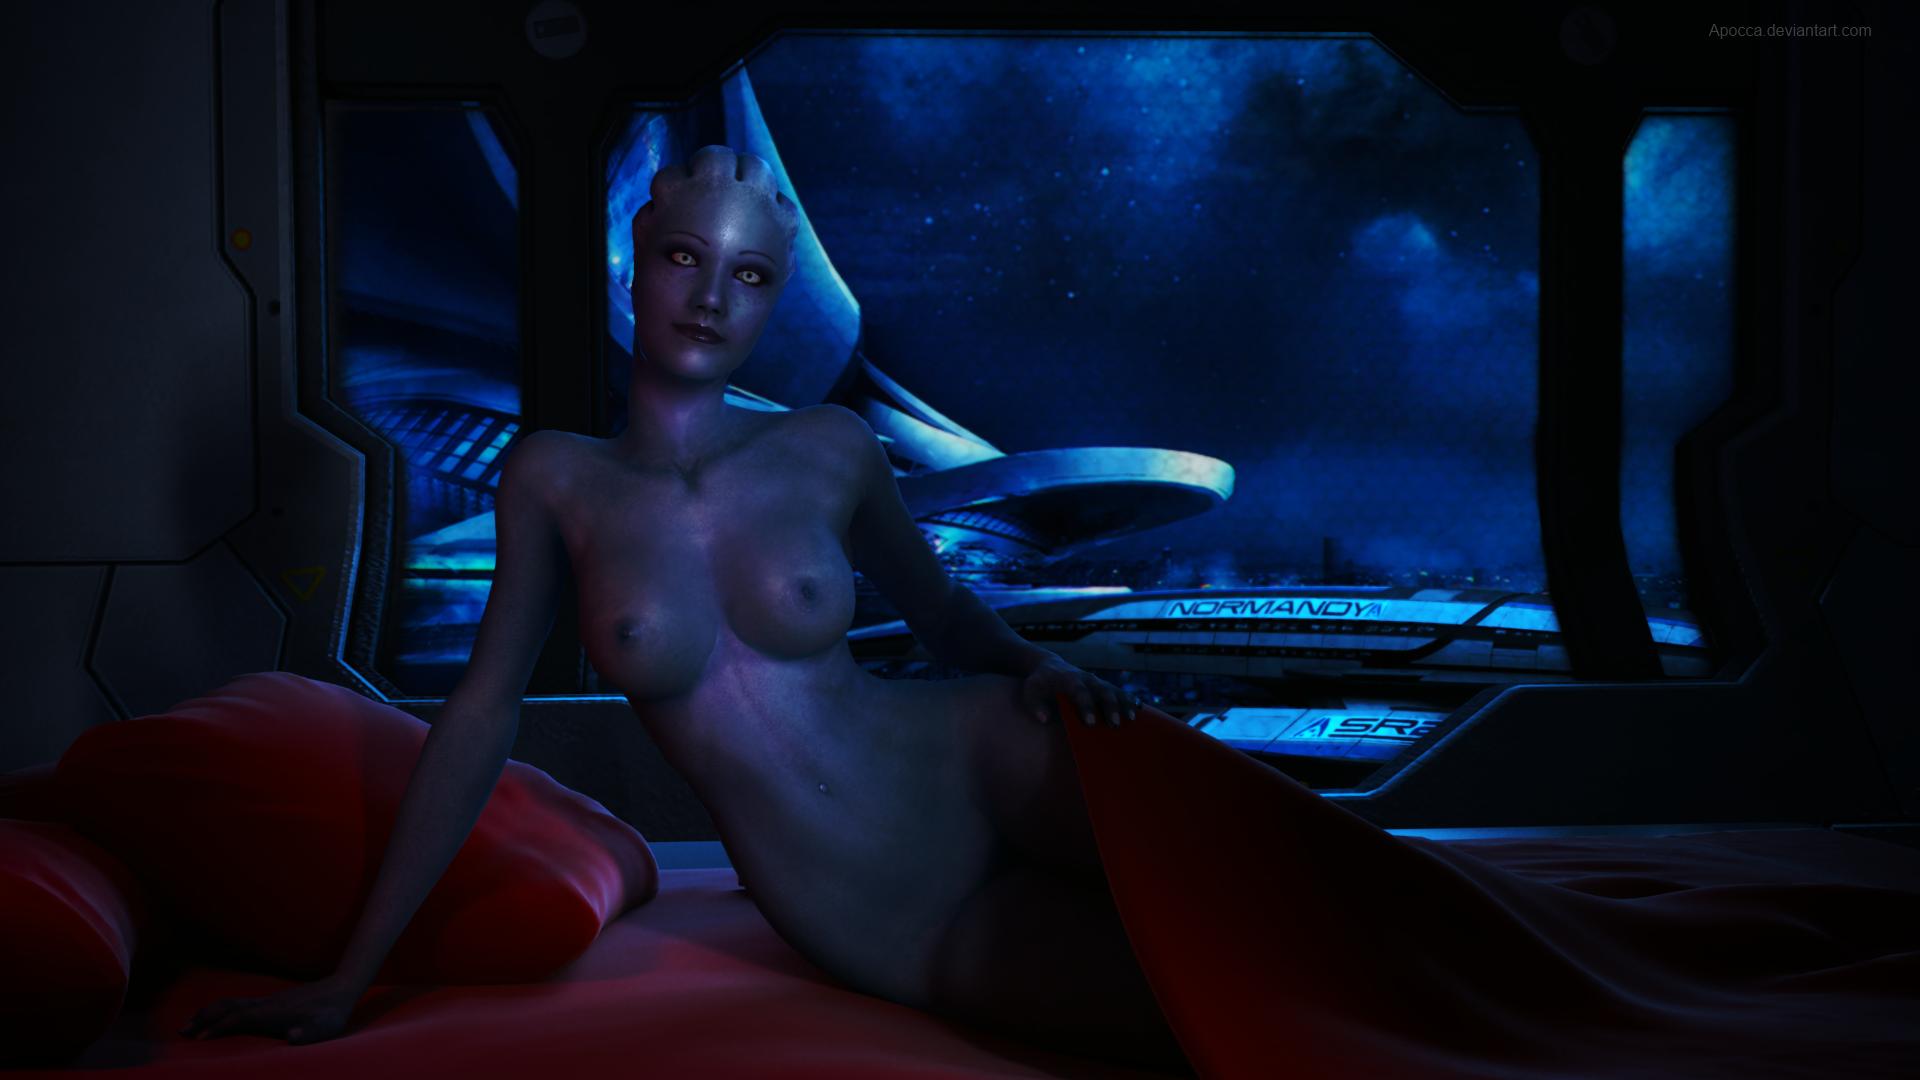 calgary girls nude